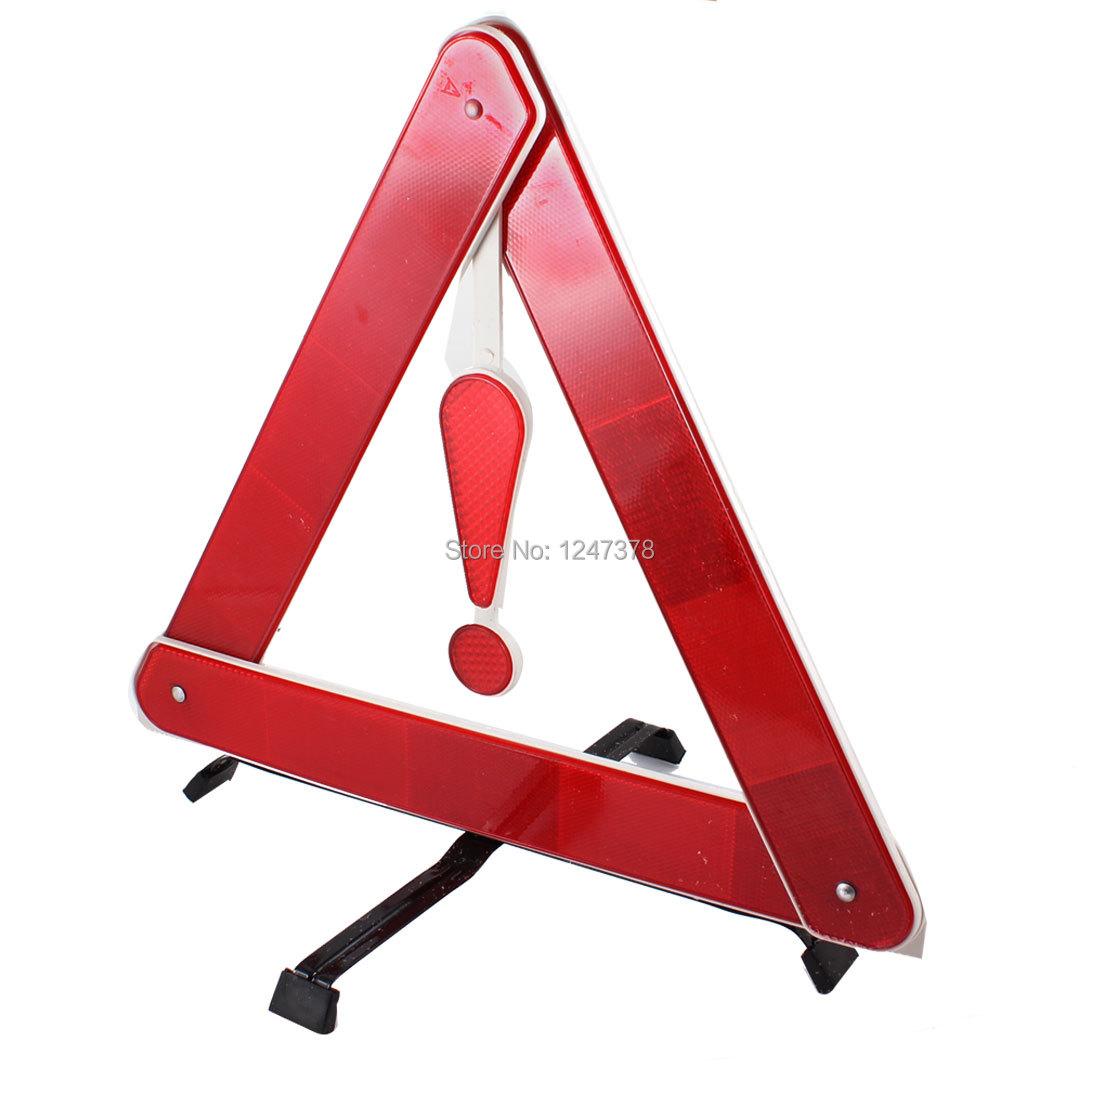 Складной оповещения о чрезвычайных ситуациях безопасности треугольник дорожный знак красный для авто